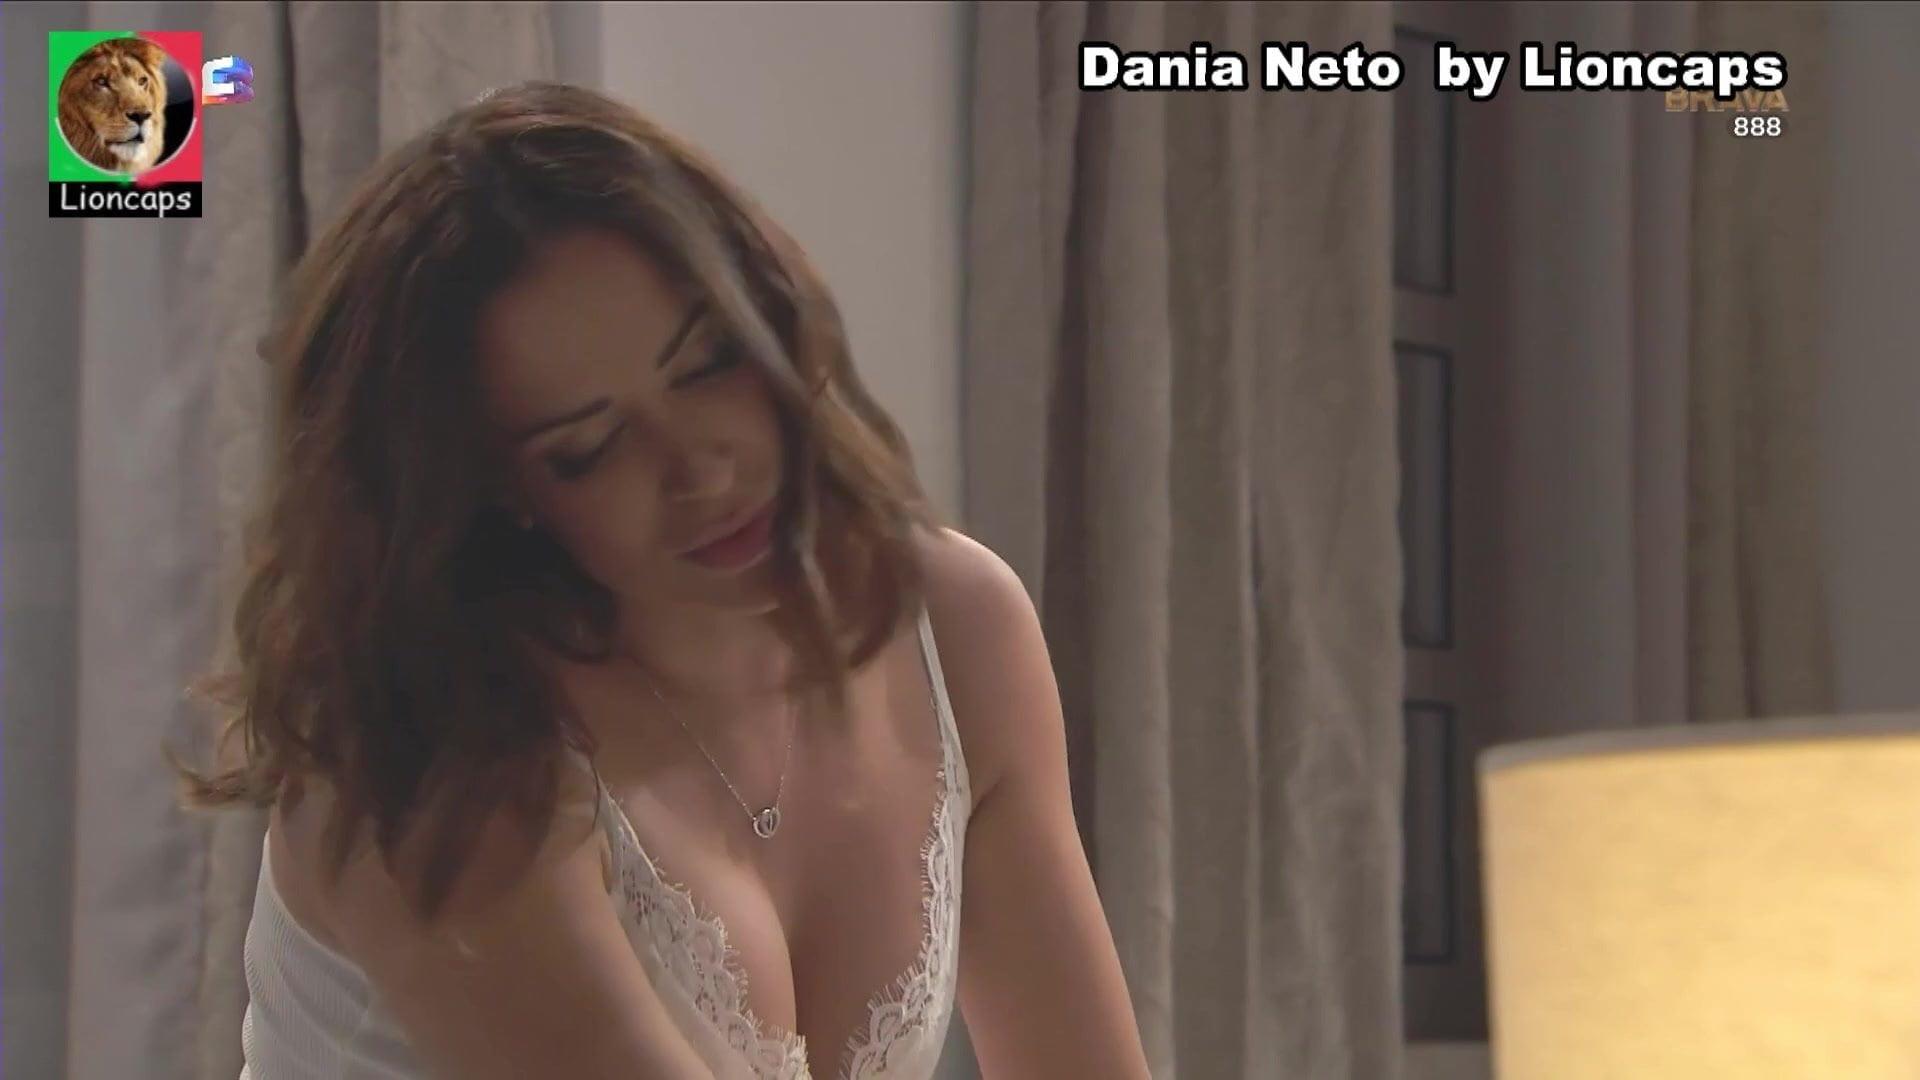 Neto nackt Dania  Dania Neto